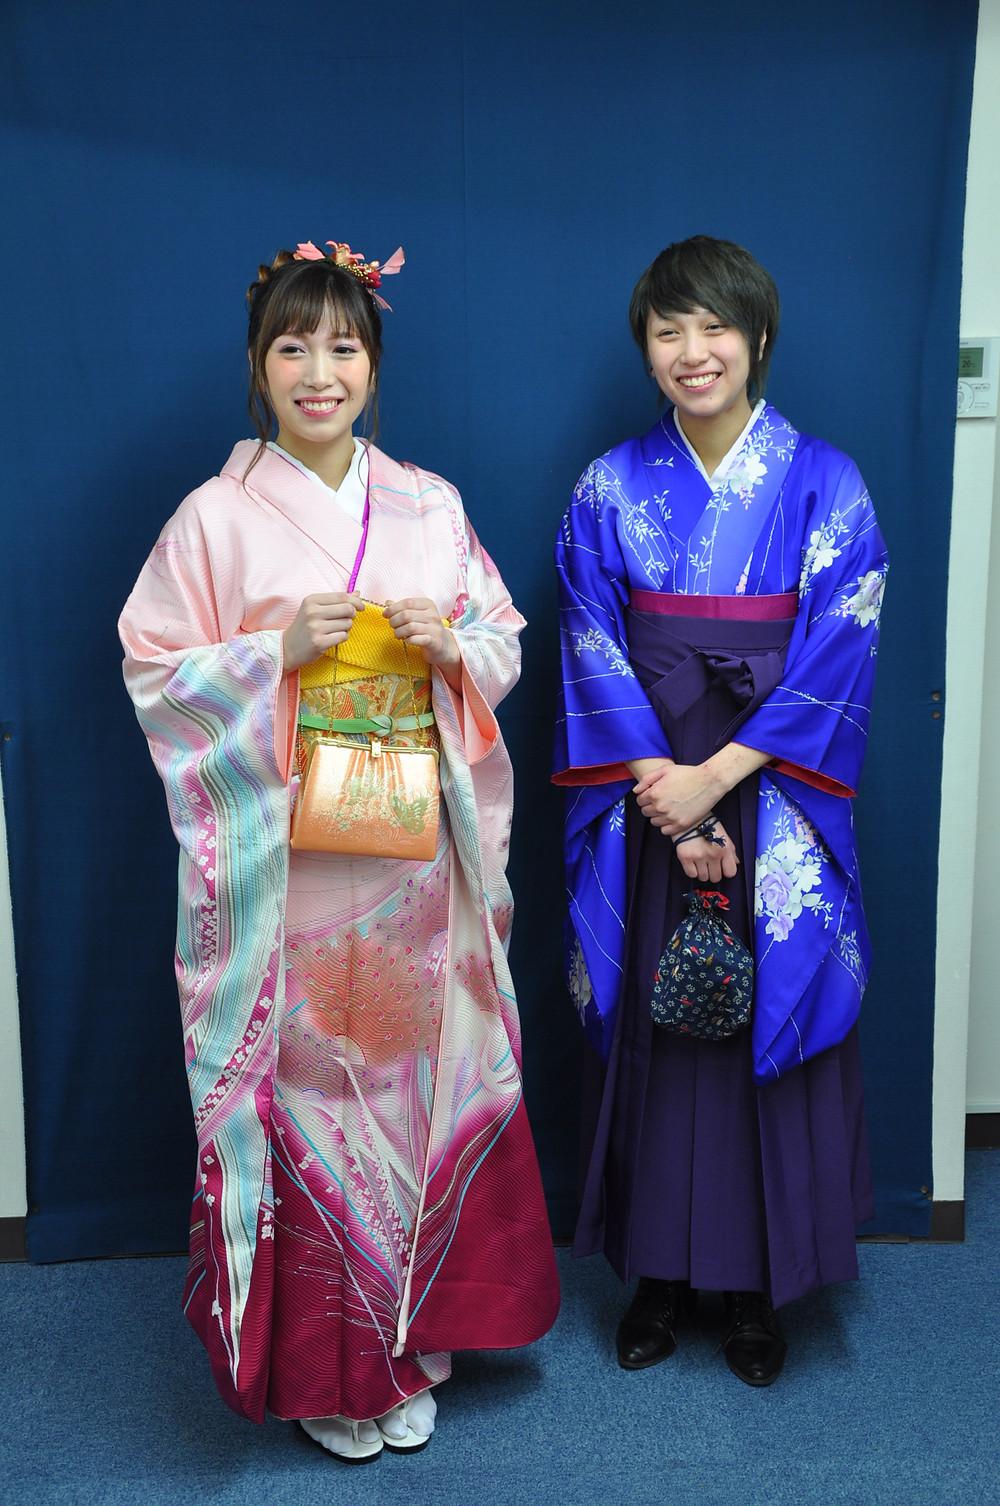 furisode & hakama